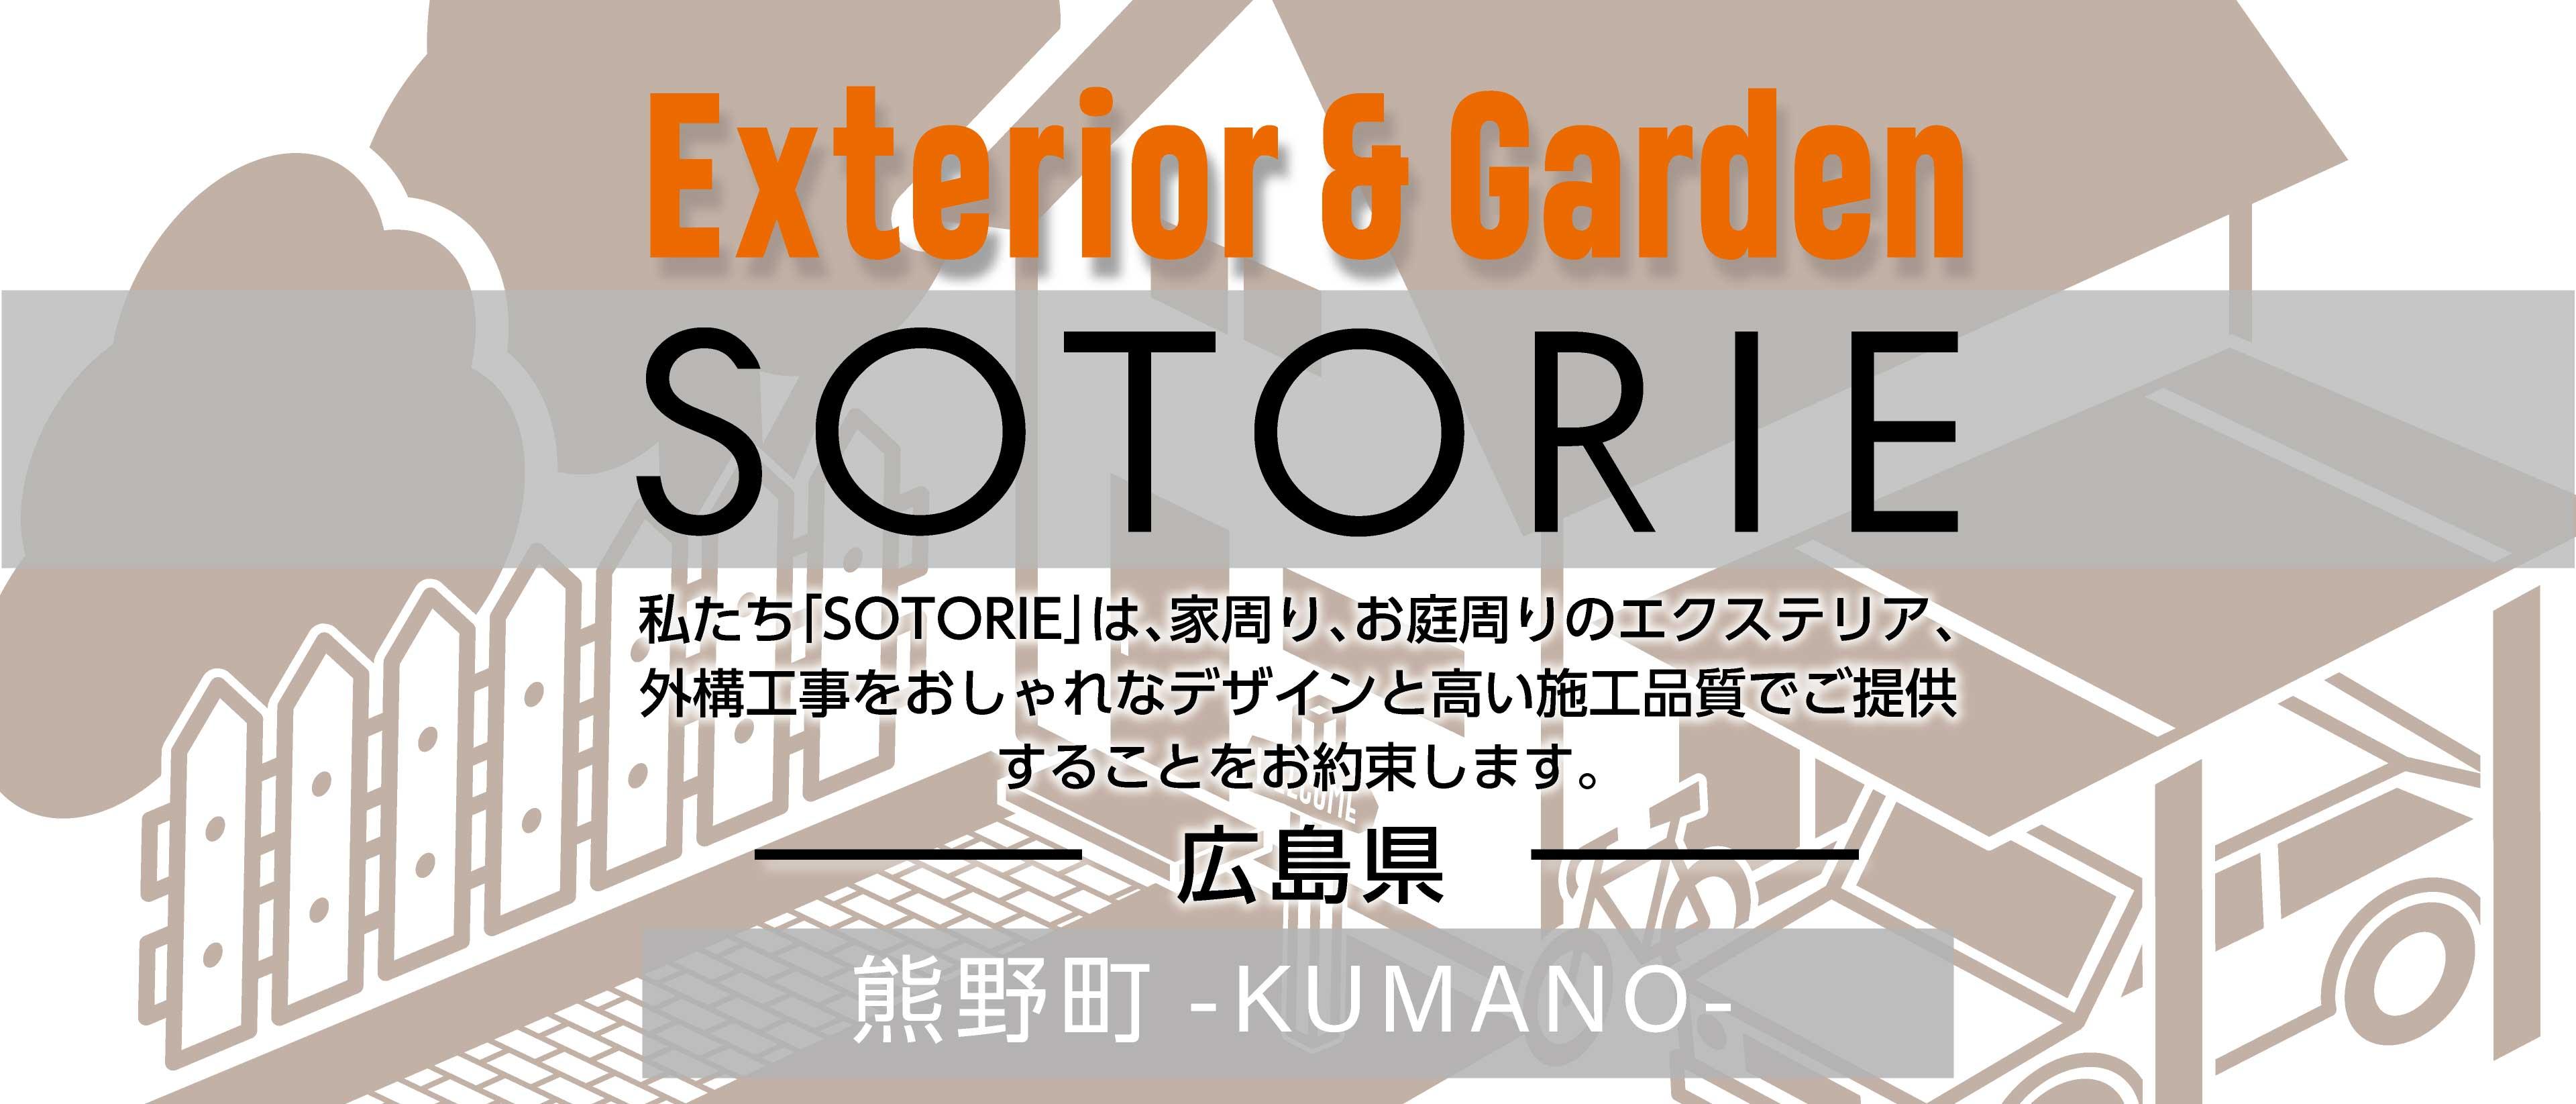 ソトリエ熊野町では、家周りと庭周りの外構、エクステリア工事をおしゃれなデザインと高い施工品質でご提供することをお約束します。